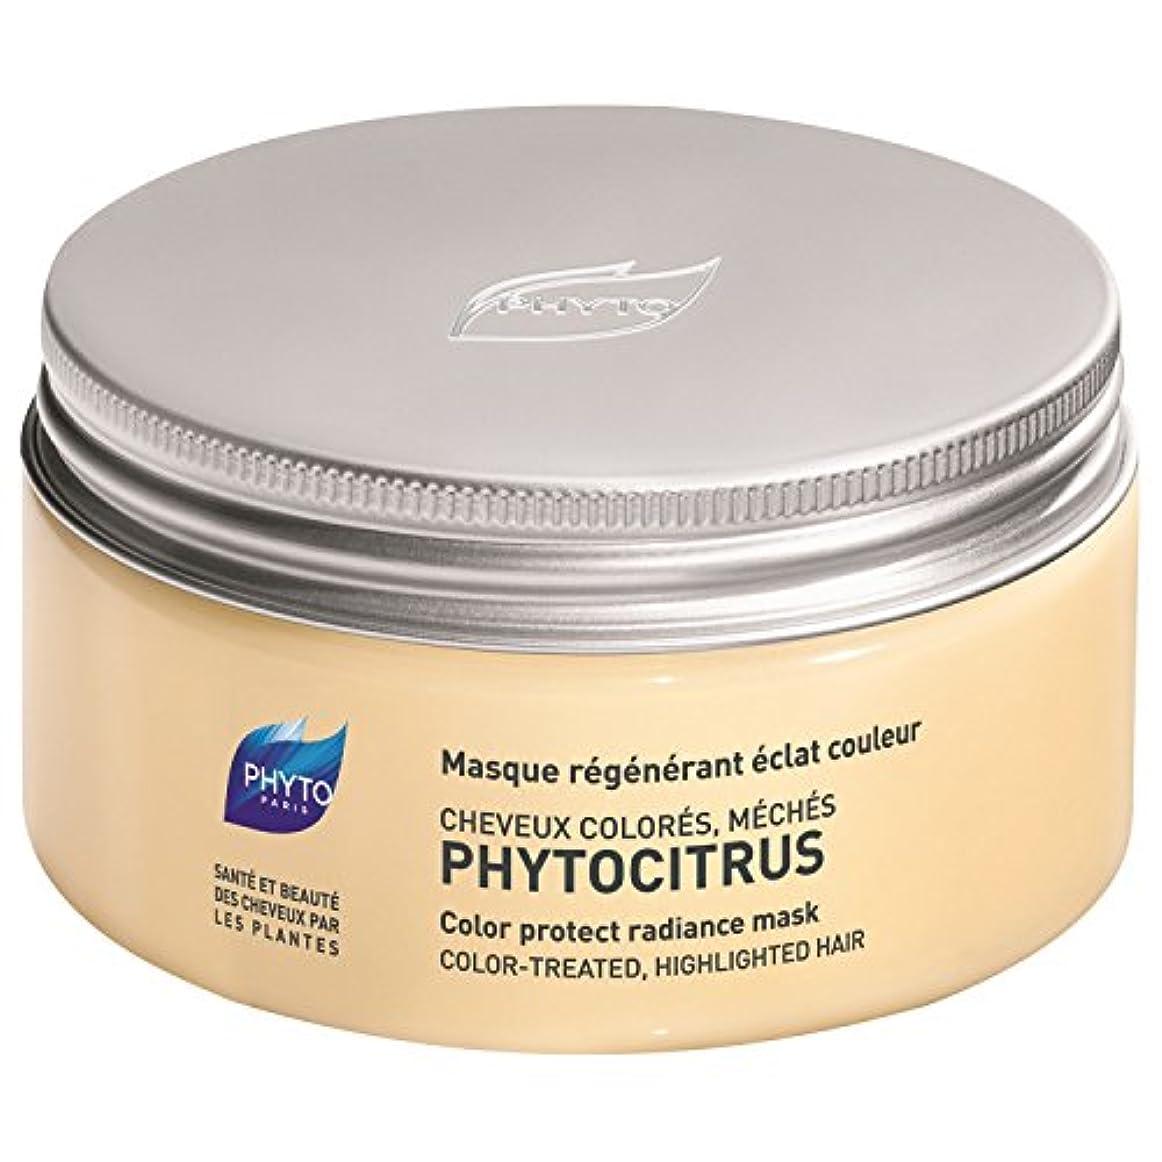 衝突する農業の受けるフィトPhytocitrus色保護放射輝度マスク200ミリリットル (Phyto) - Phyto Phytocitrus Colour Protect Radiance Mask 200ml [並行輸入品]